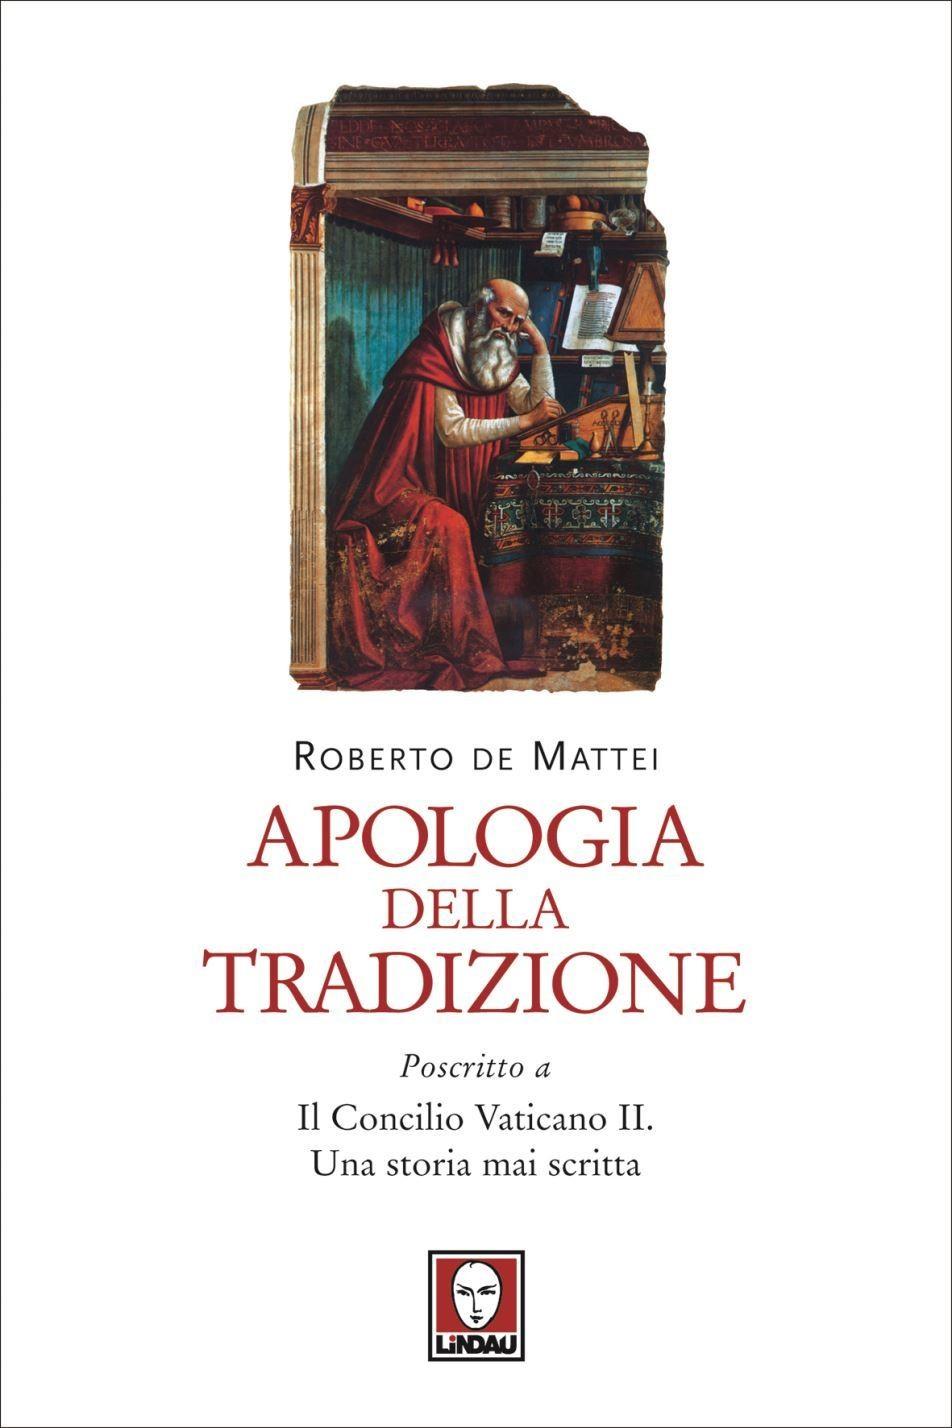 Apologia della tradizione